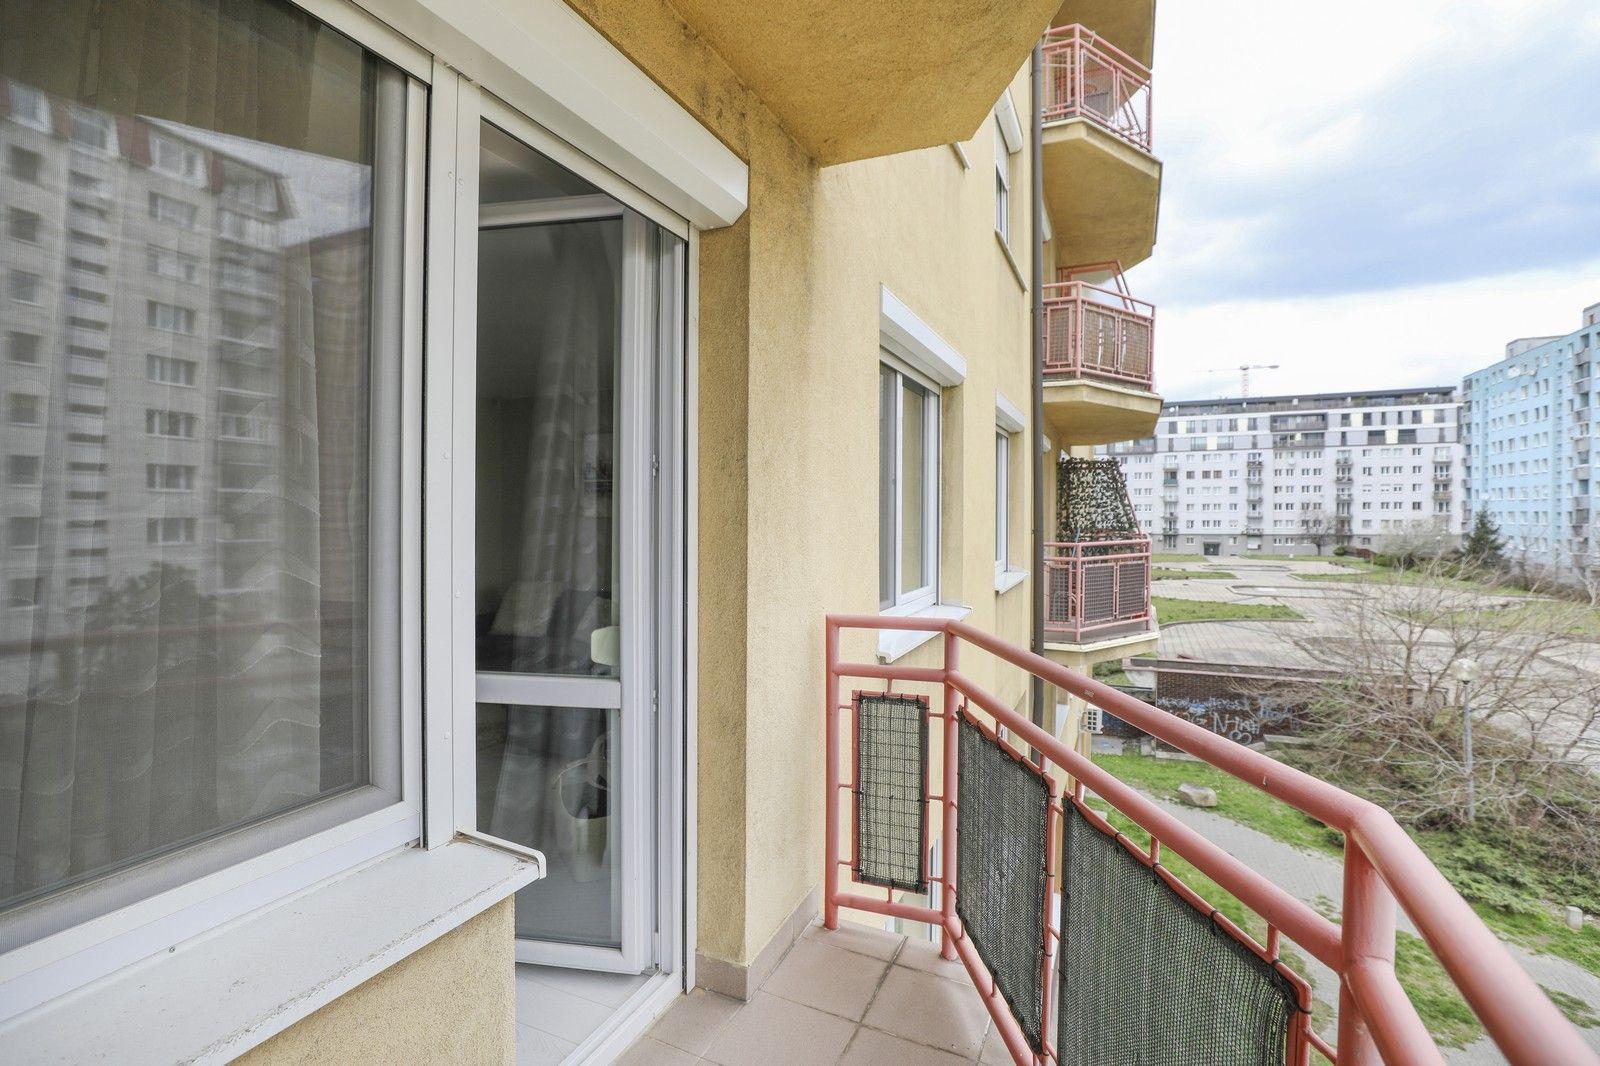 Nepremeškajte príležitosť! PRENÁJOM NOVÉHO 2-izbového bytu v atraktívnej lokalite RUŽINOVA, pri OC Centrál